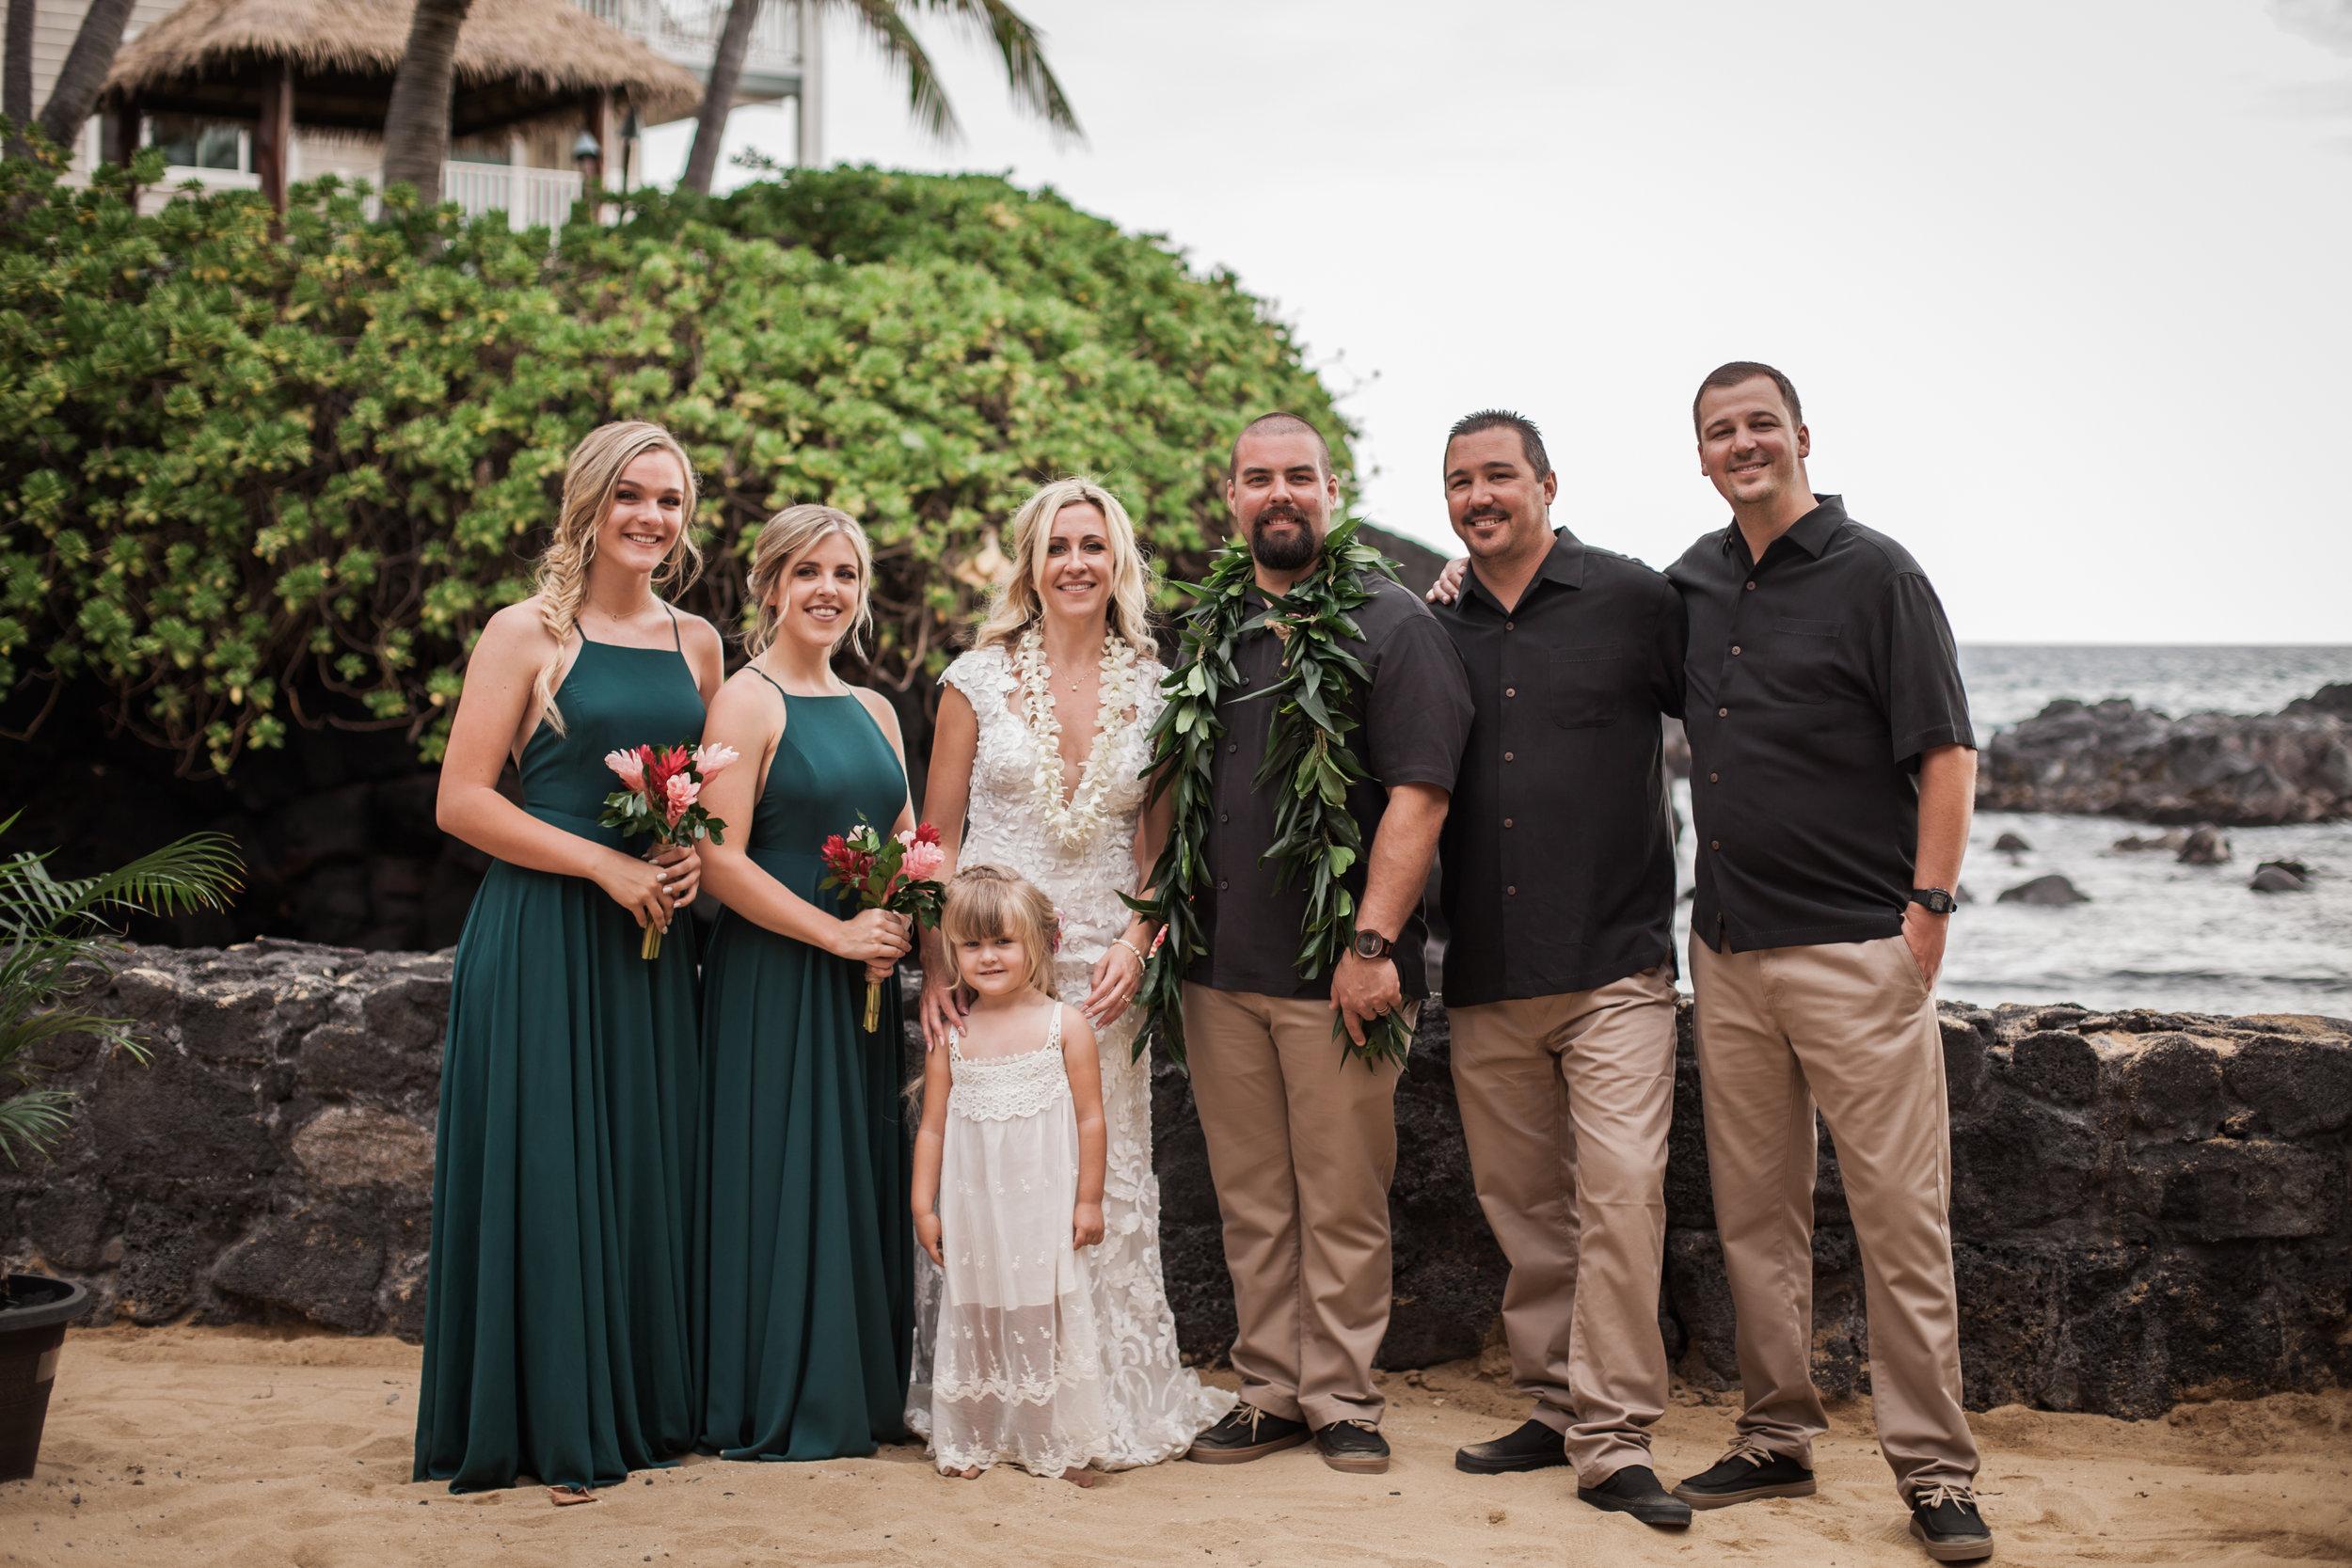 big island hawaii royal kona resort beach wedding © kelilina photography 20170520171513.jpg